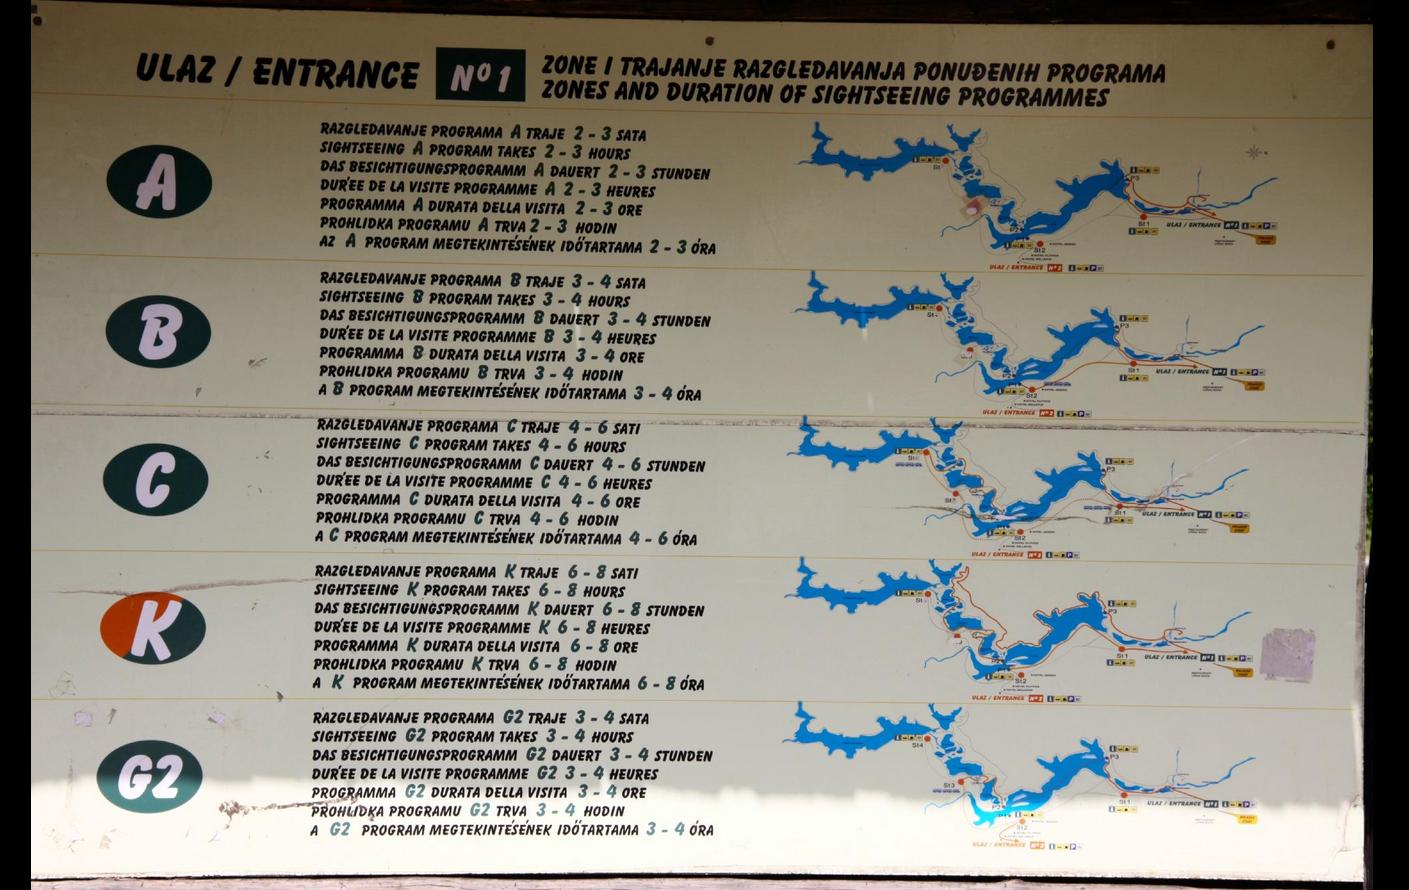 Карта маршрутов расположенного вверху